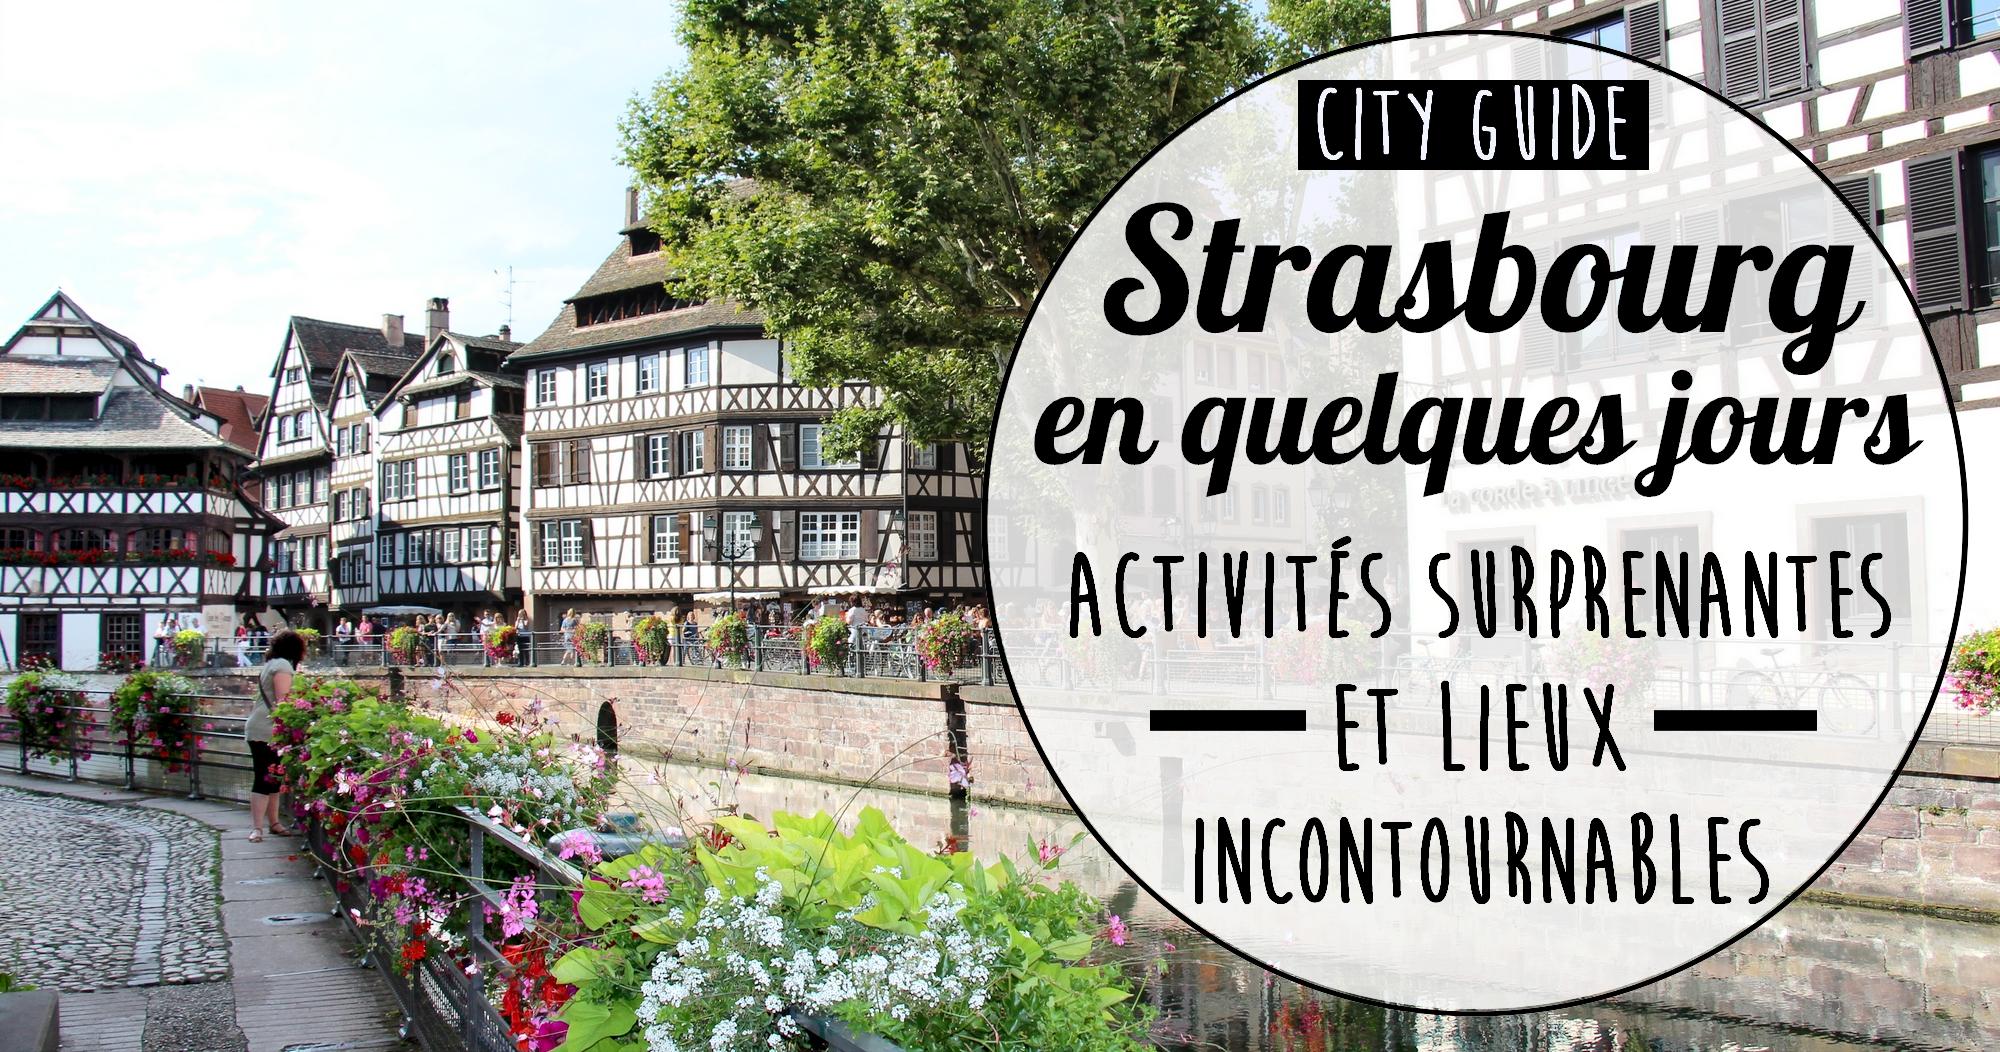 Visiter Strasbourg en été : activités surprenantes et lieux incontournables